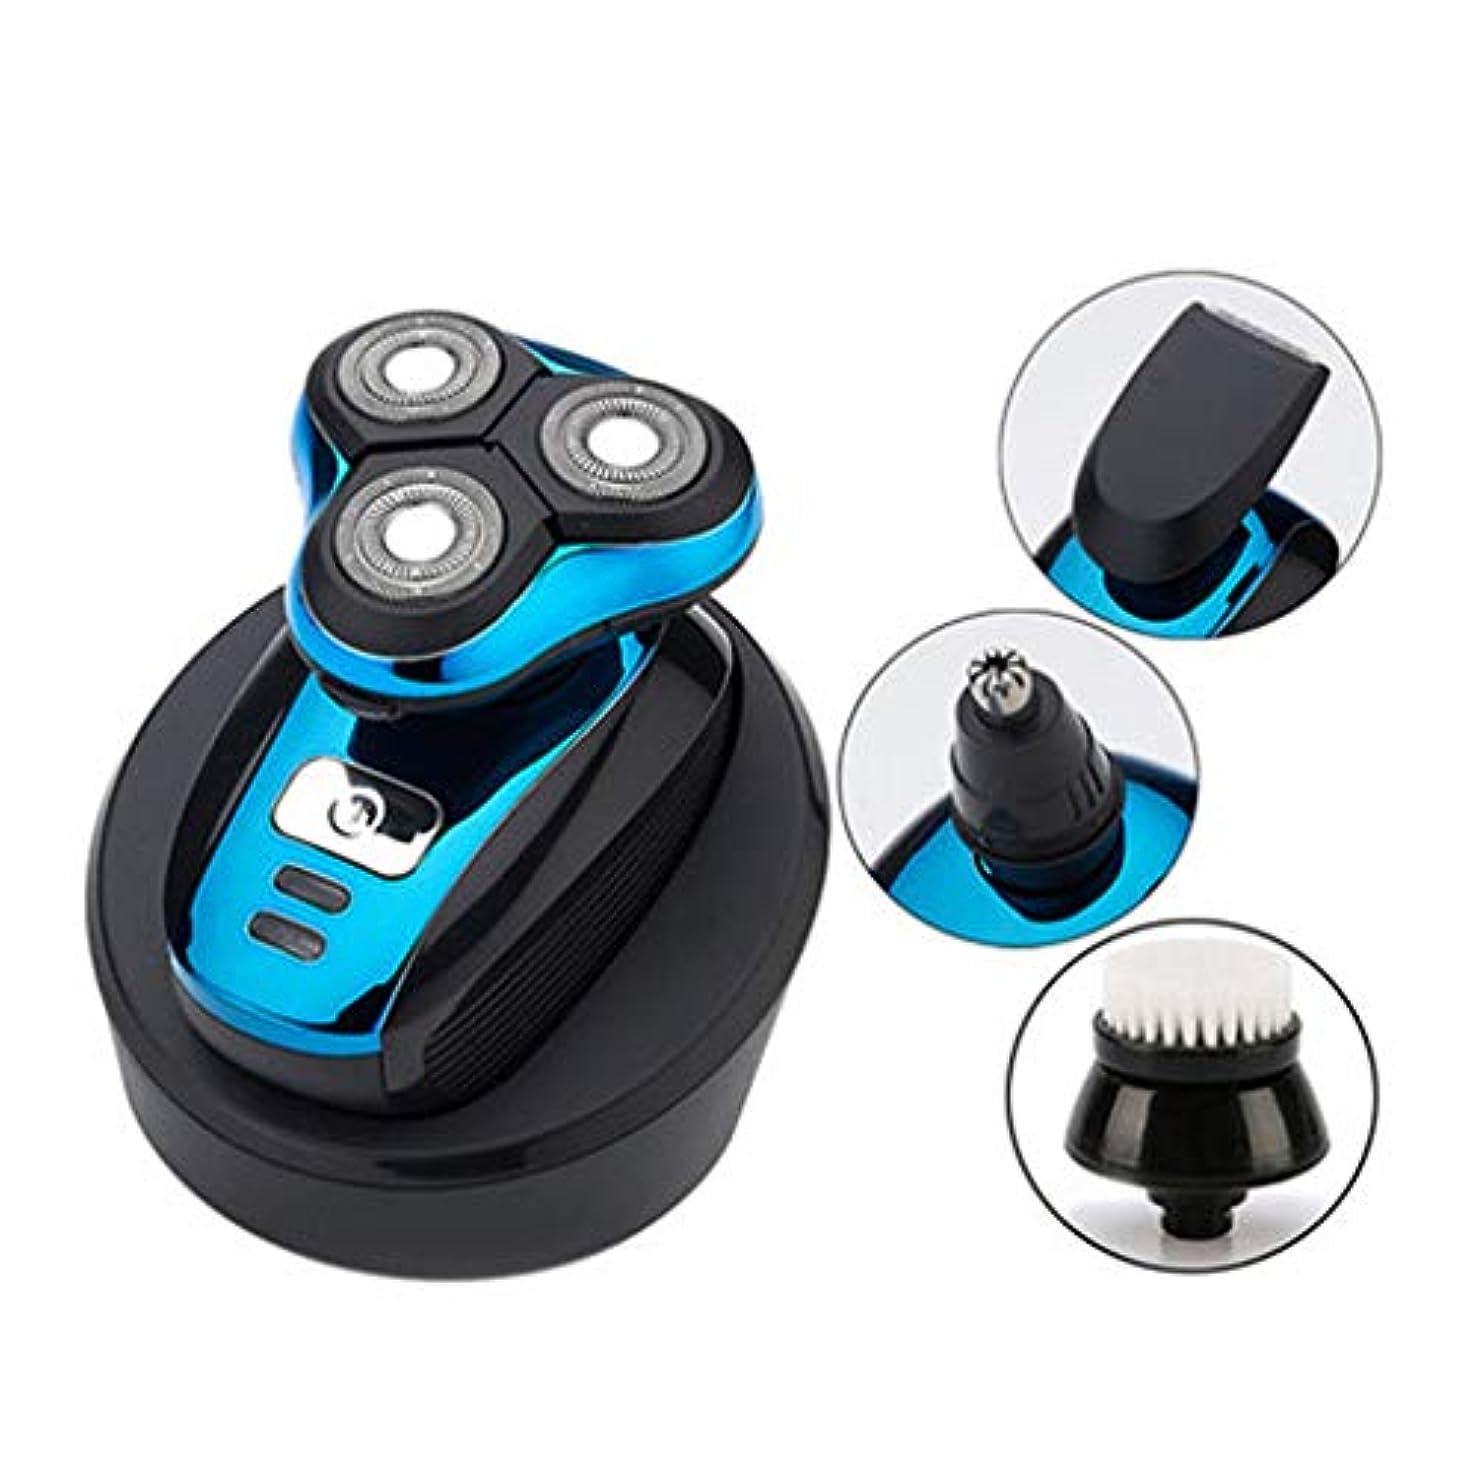 排出出撃者バイバイ小型電気かみそり、メンズ充電コードレス多機能トリマー/ホーン/鼻毛/クレンジング/散髪、防水デザイン